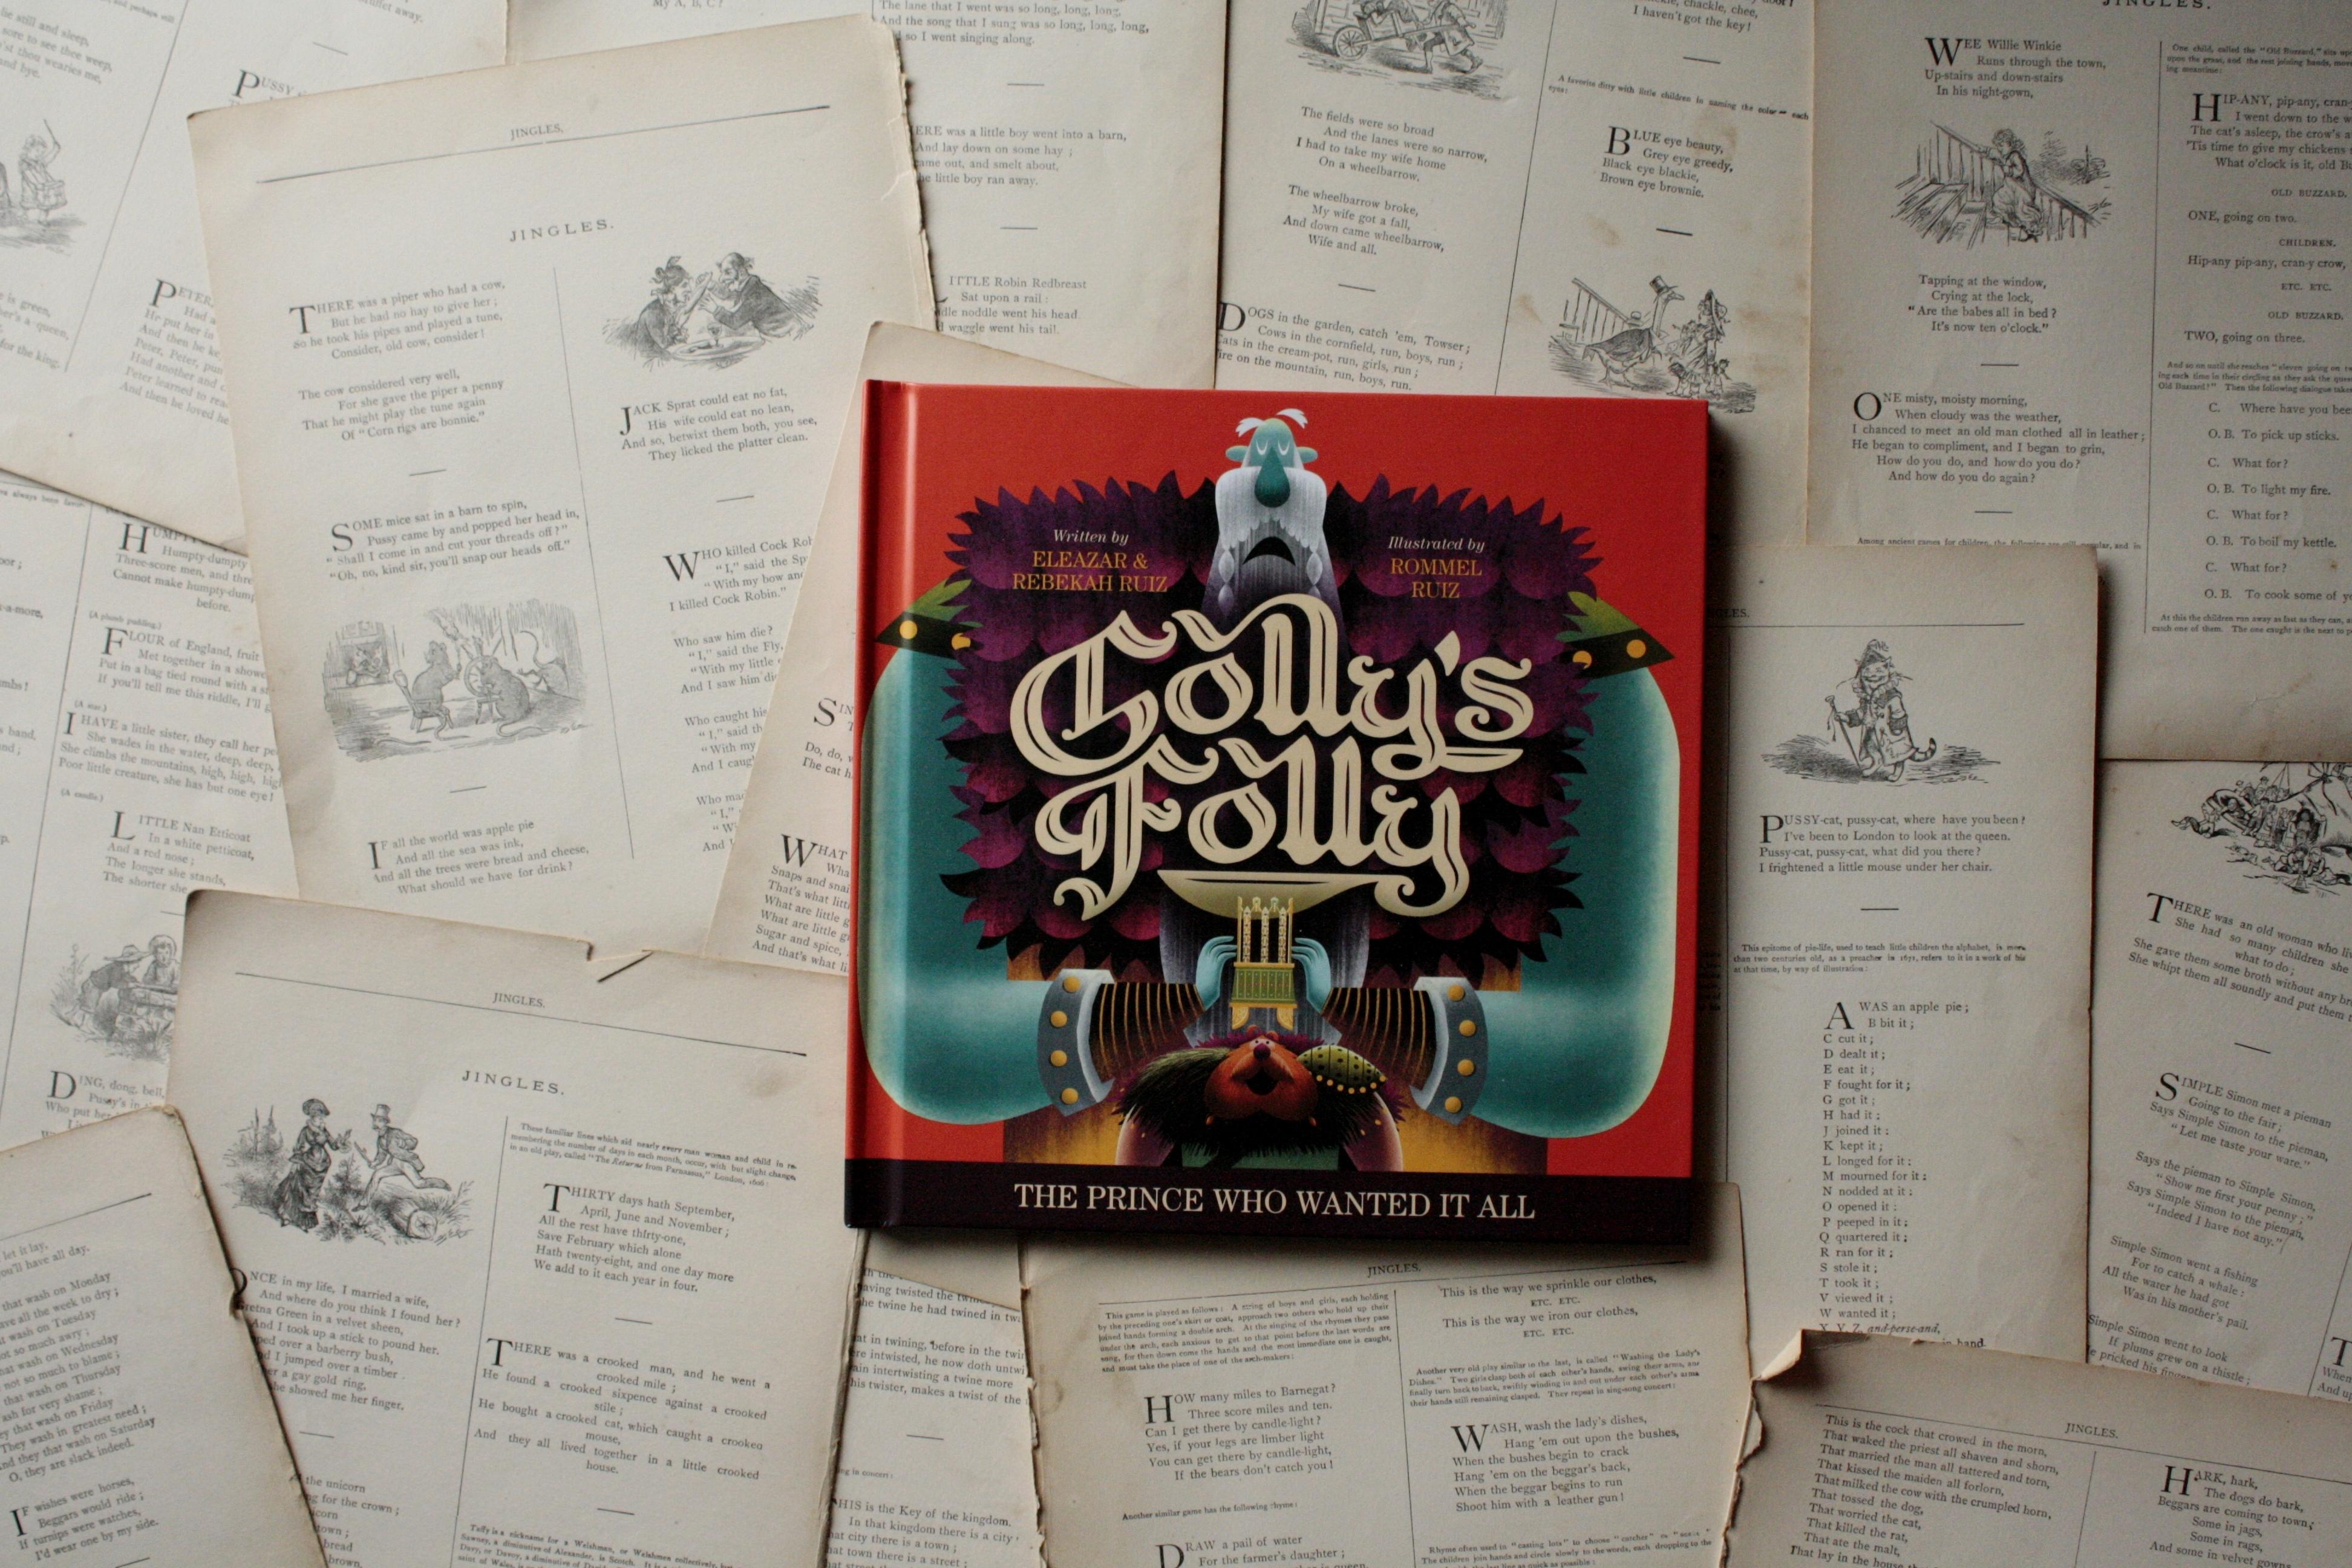 Golly's Folly | Eleazar & Rebekah Ruiz